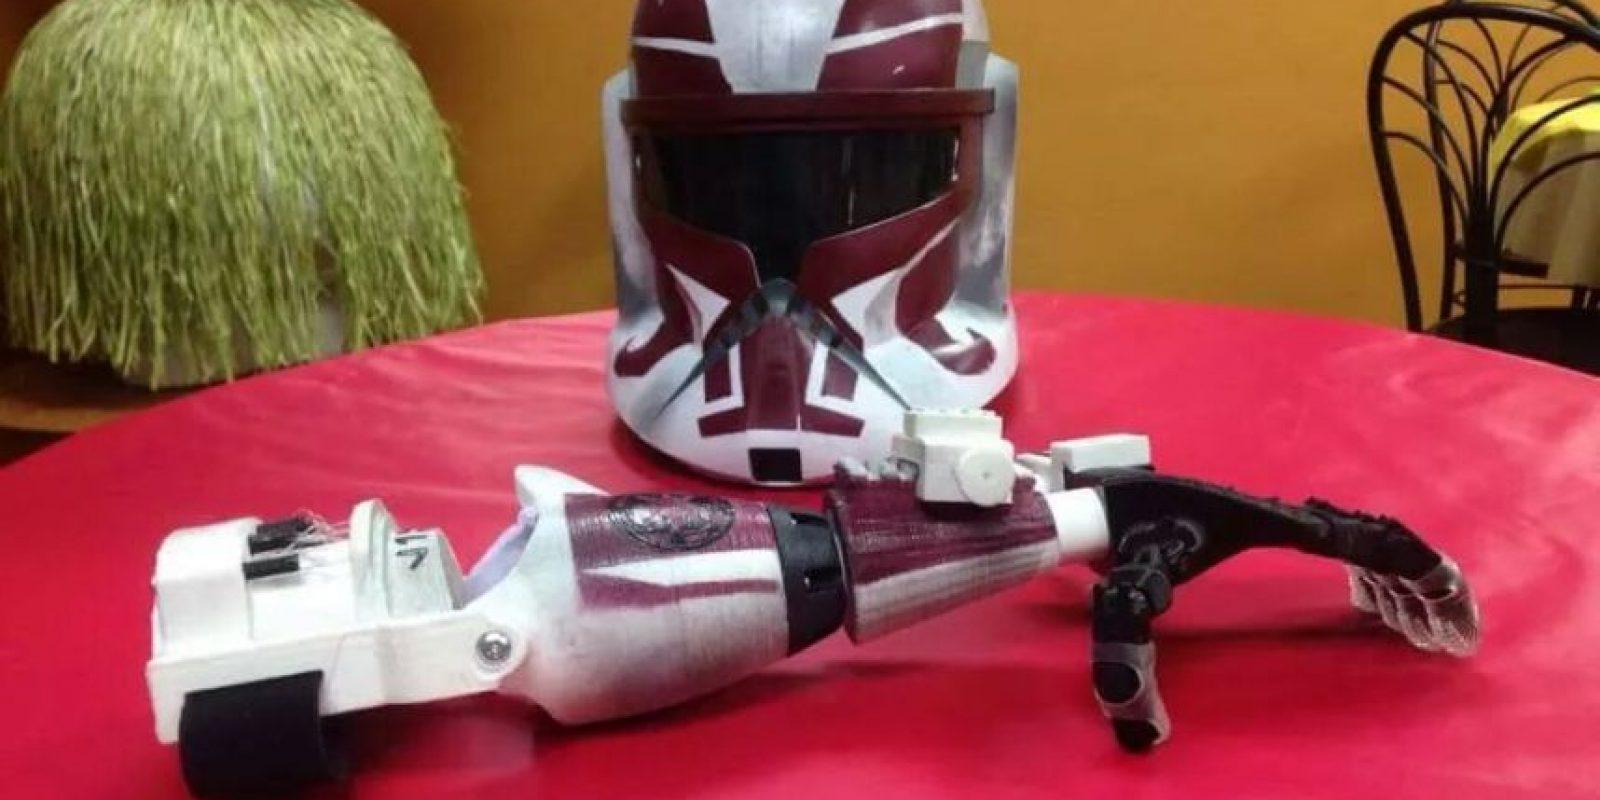 """Prótesis al estilo """"Star Wars"""" Foto:ga501st.com"""